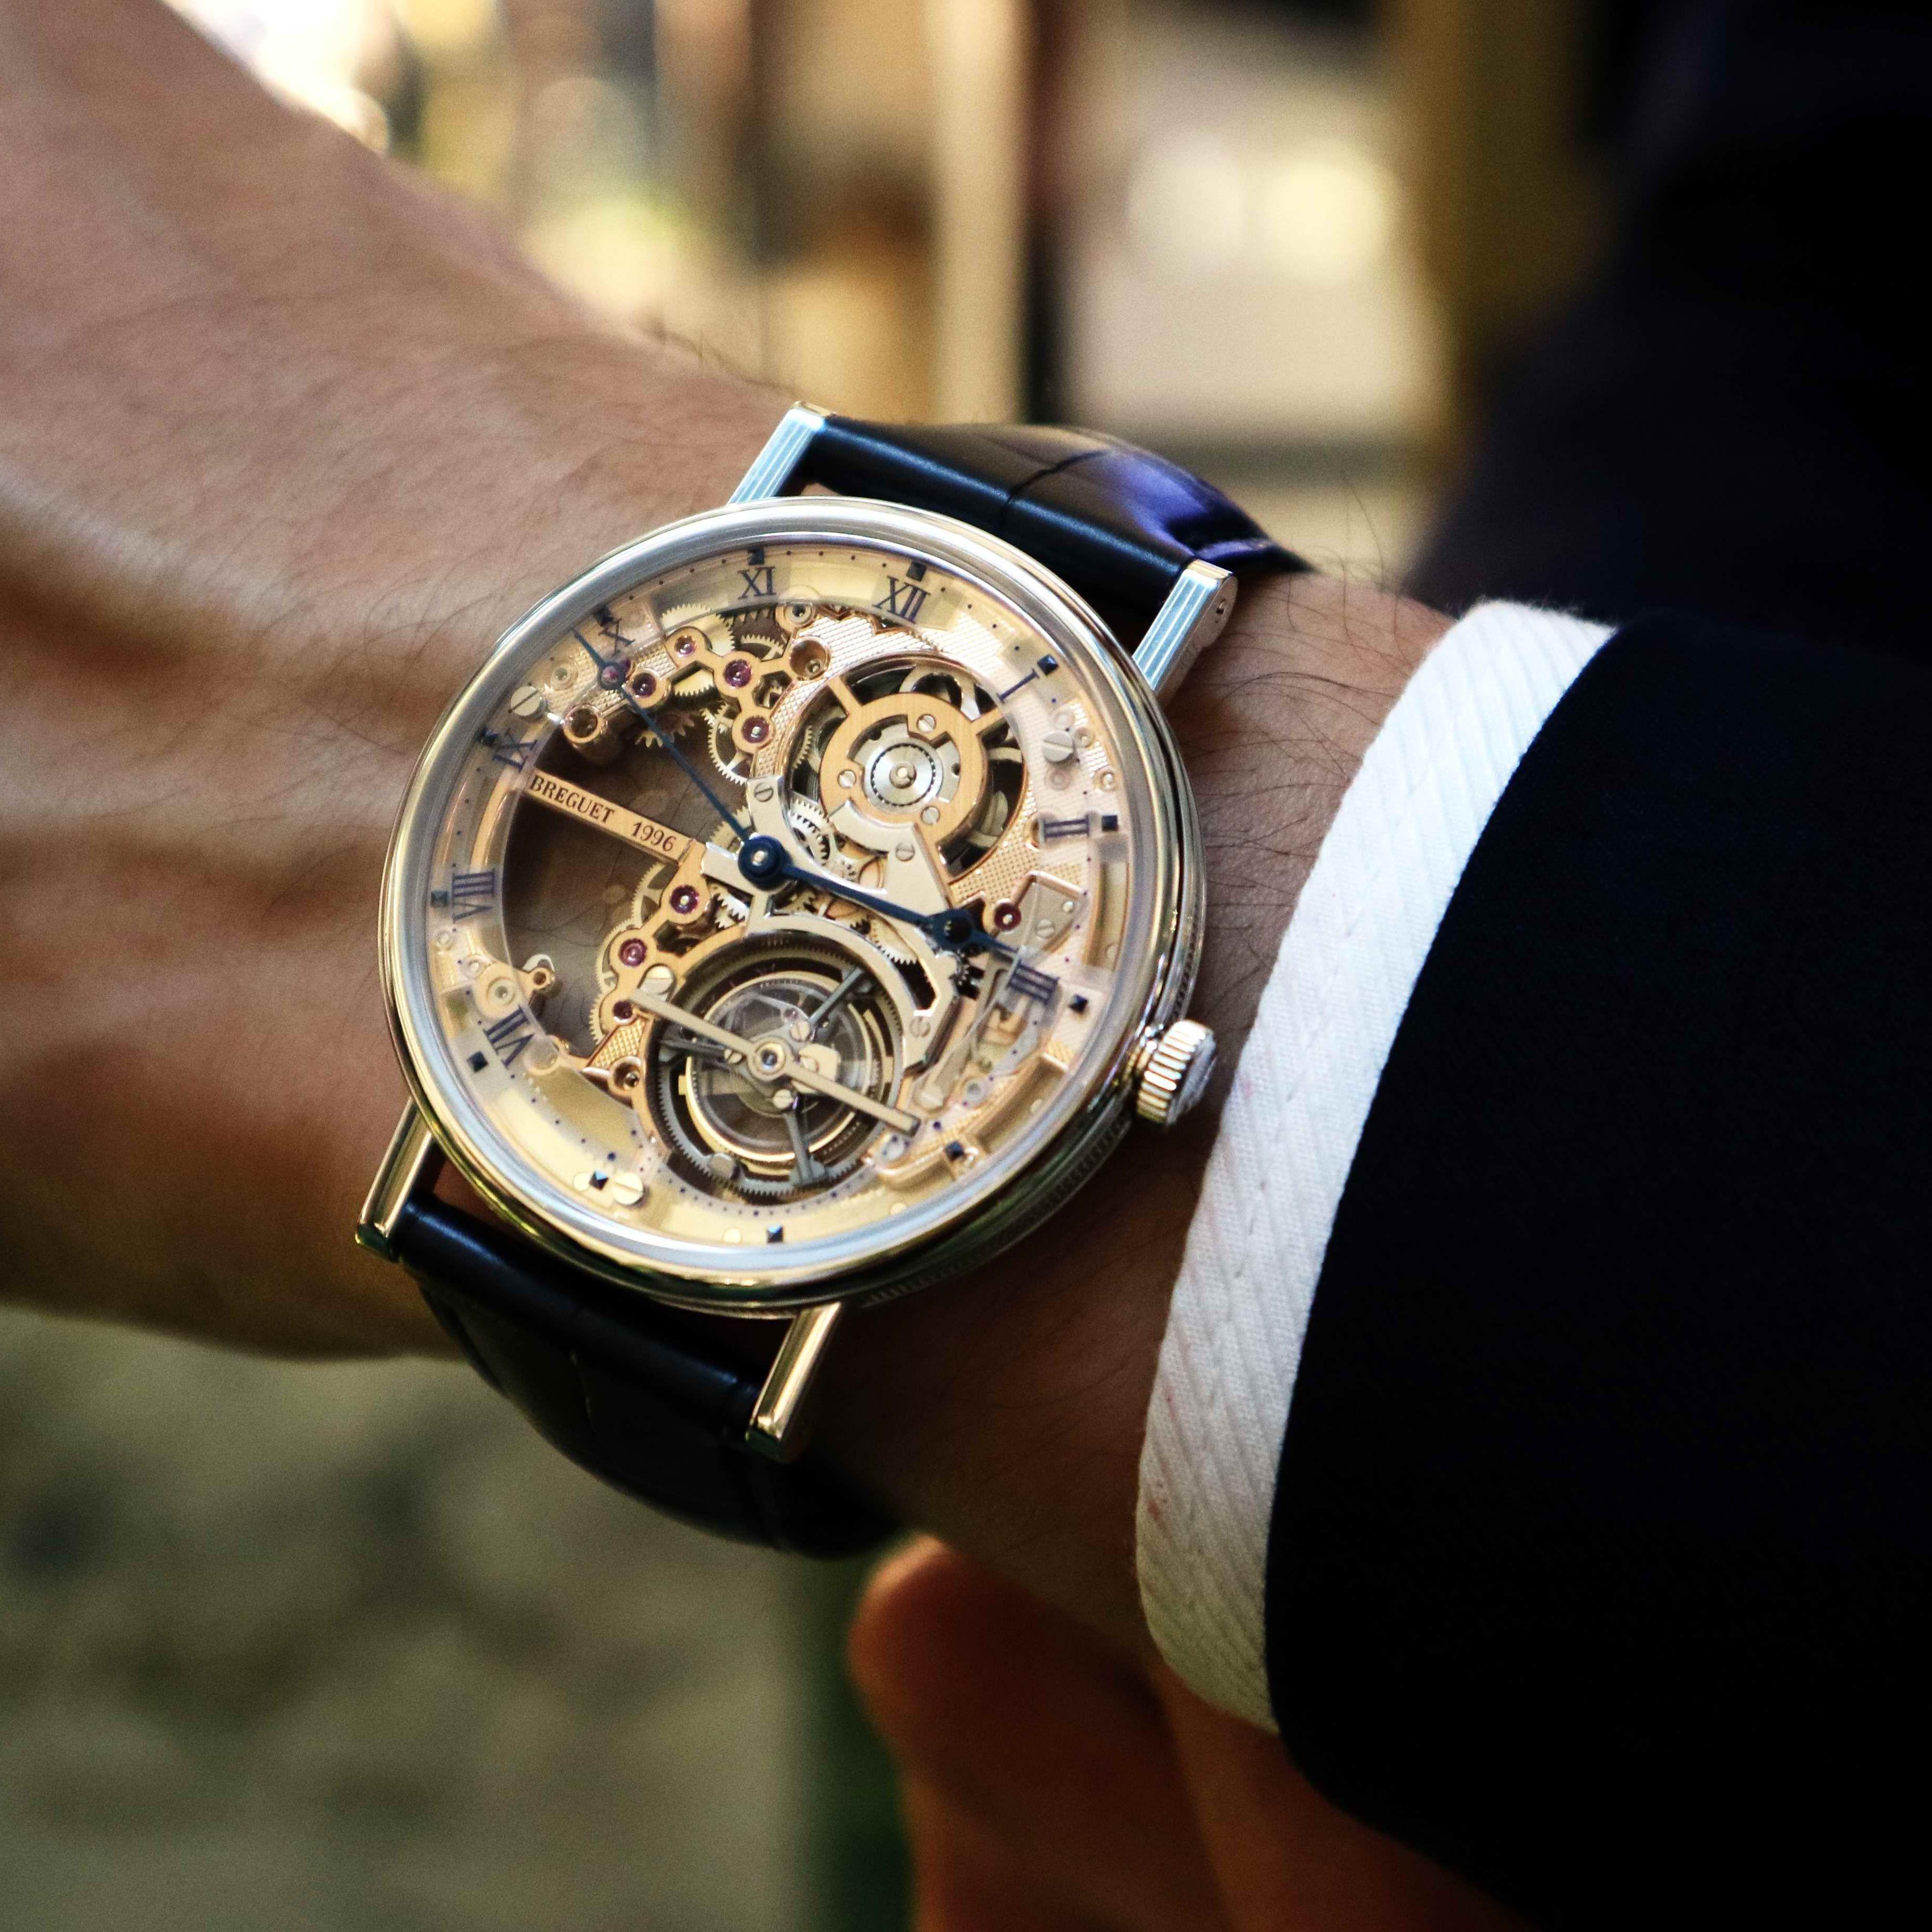 寶璣「CLASSIQUE 5395」經典系列超薄鏤空陀飛輪腕錶